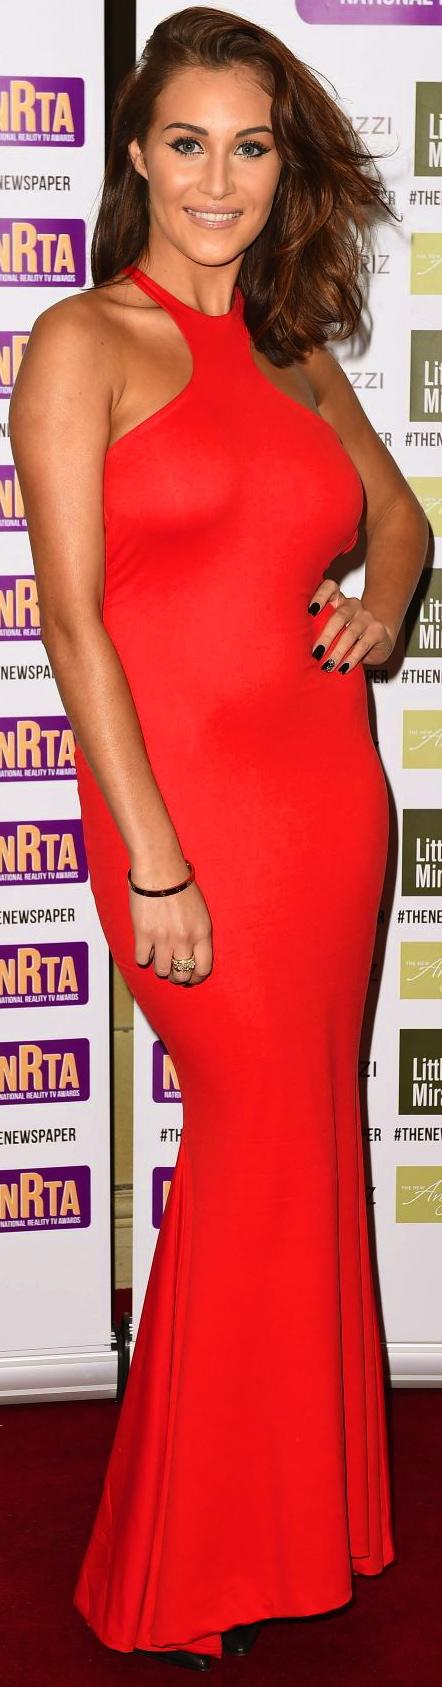 chloe-goodman-at-national-reality-tv-awards-in-london_1